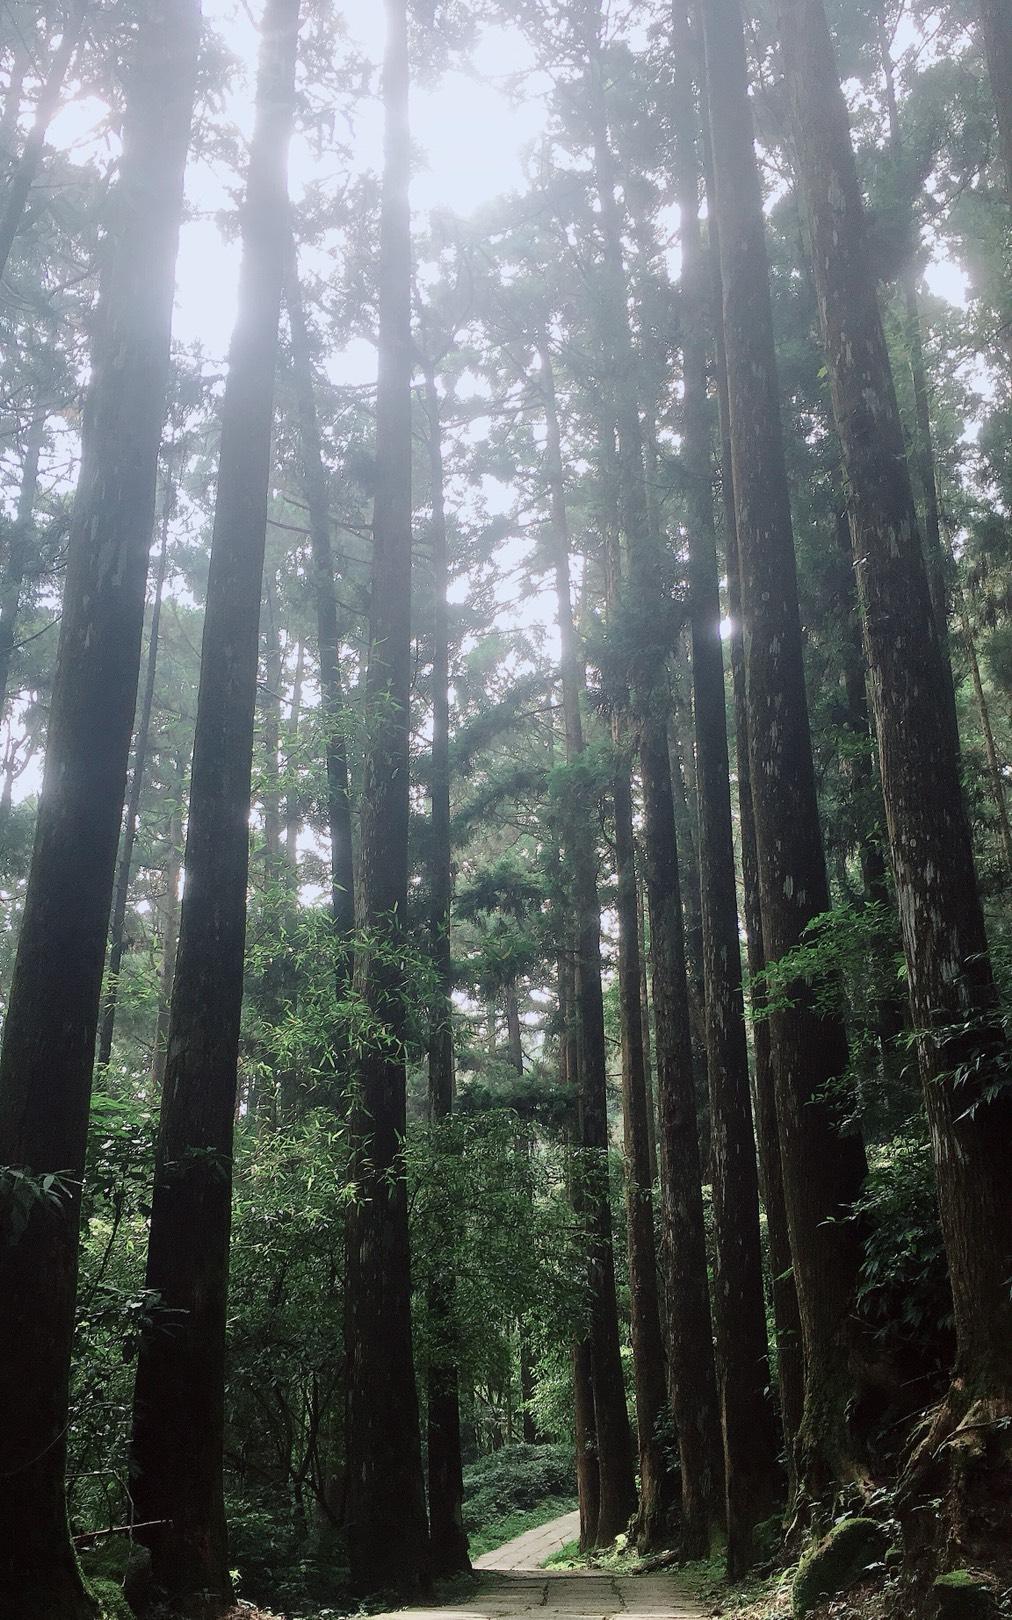 阿里山四季茶旅 夏恋森林茶会